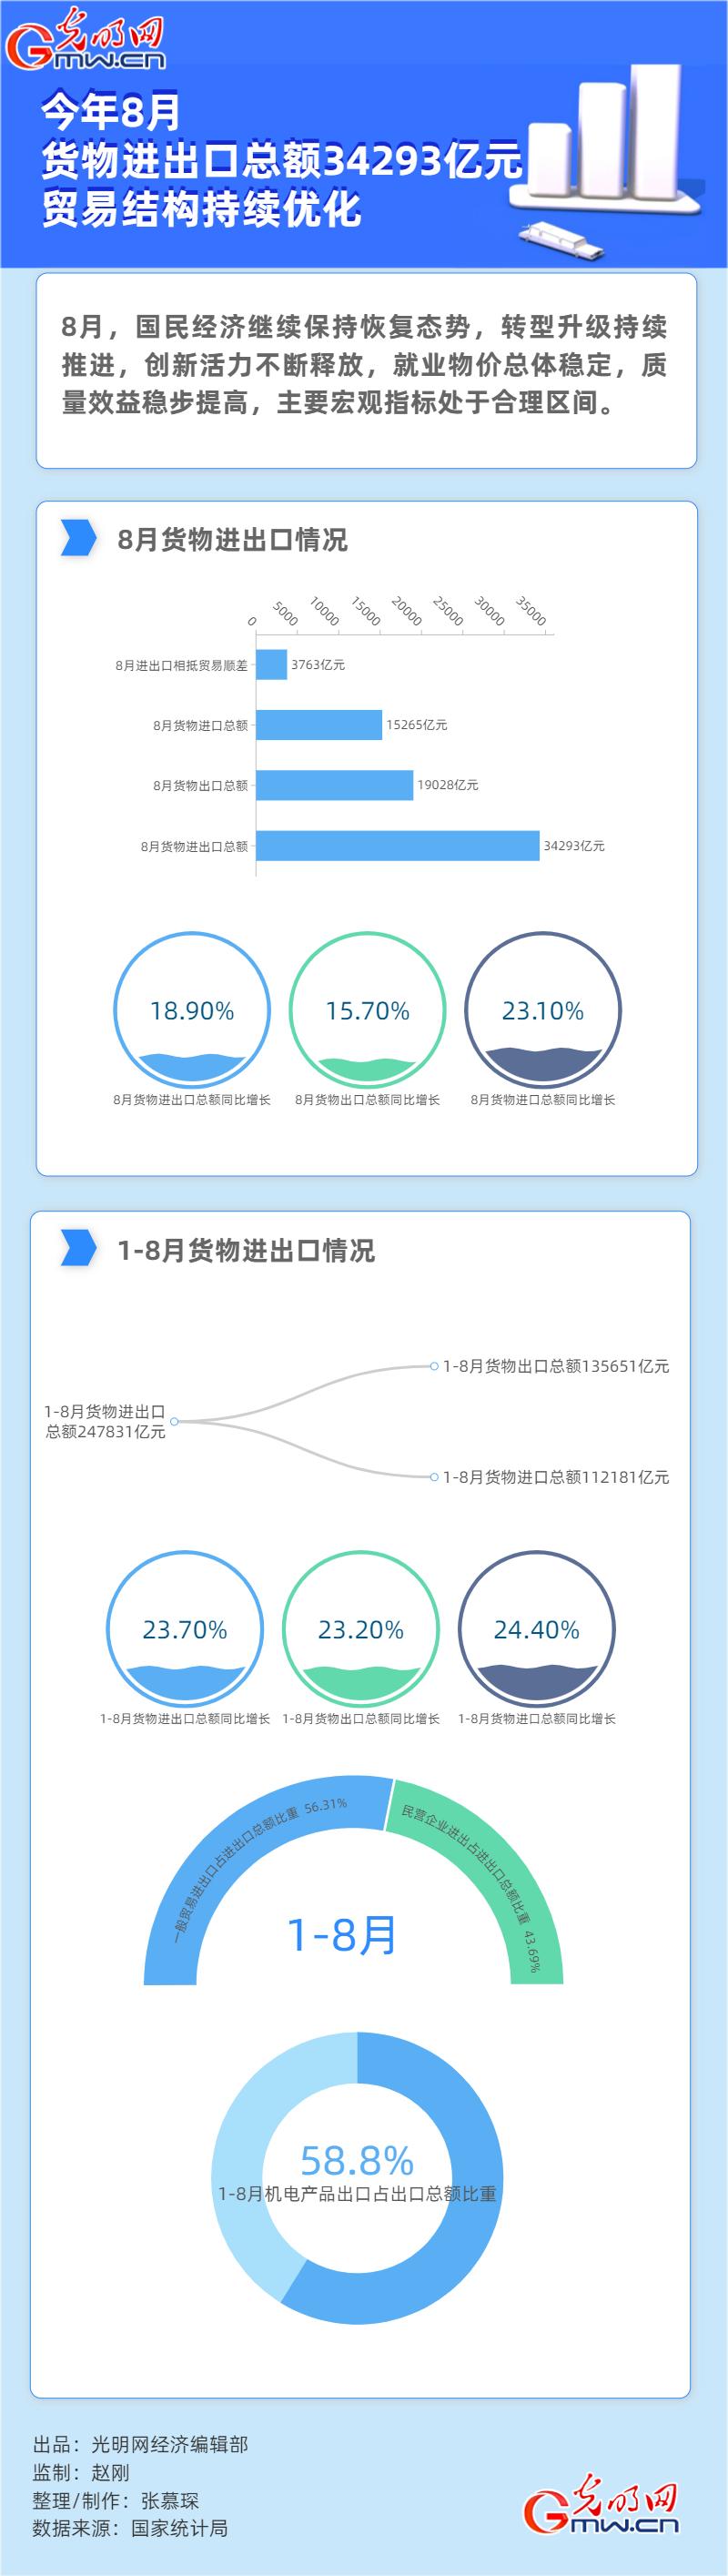 数据图解 今年8月货物进出口总额34293亿元 贸易结构持续优化